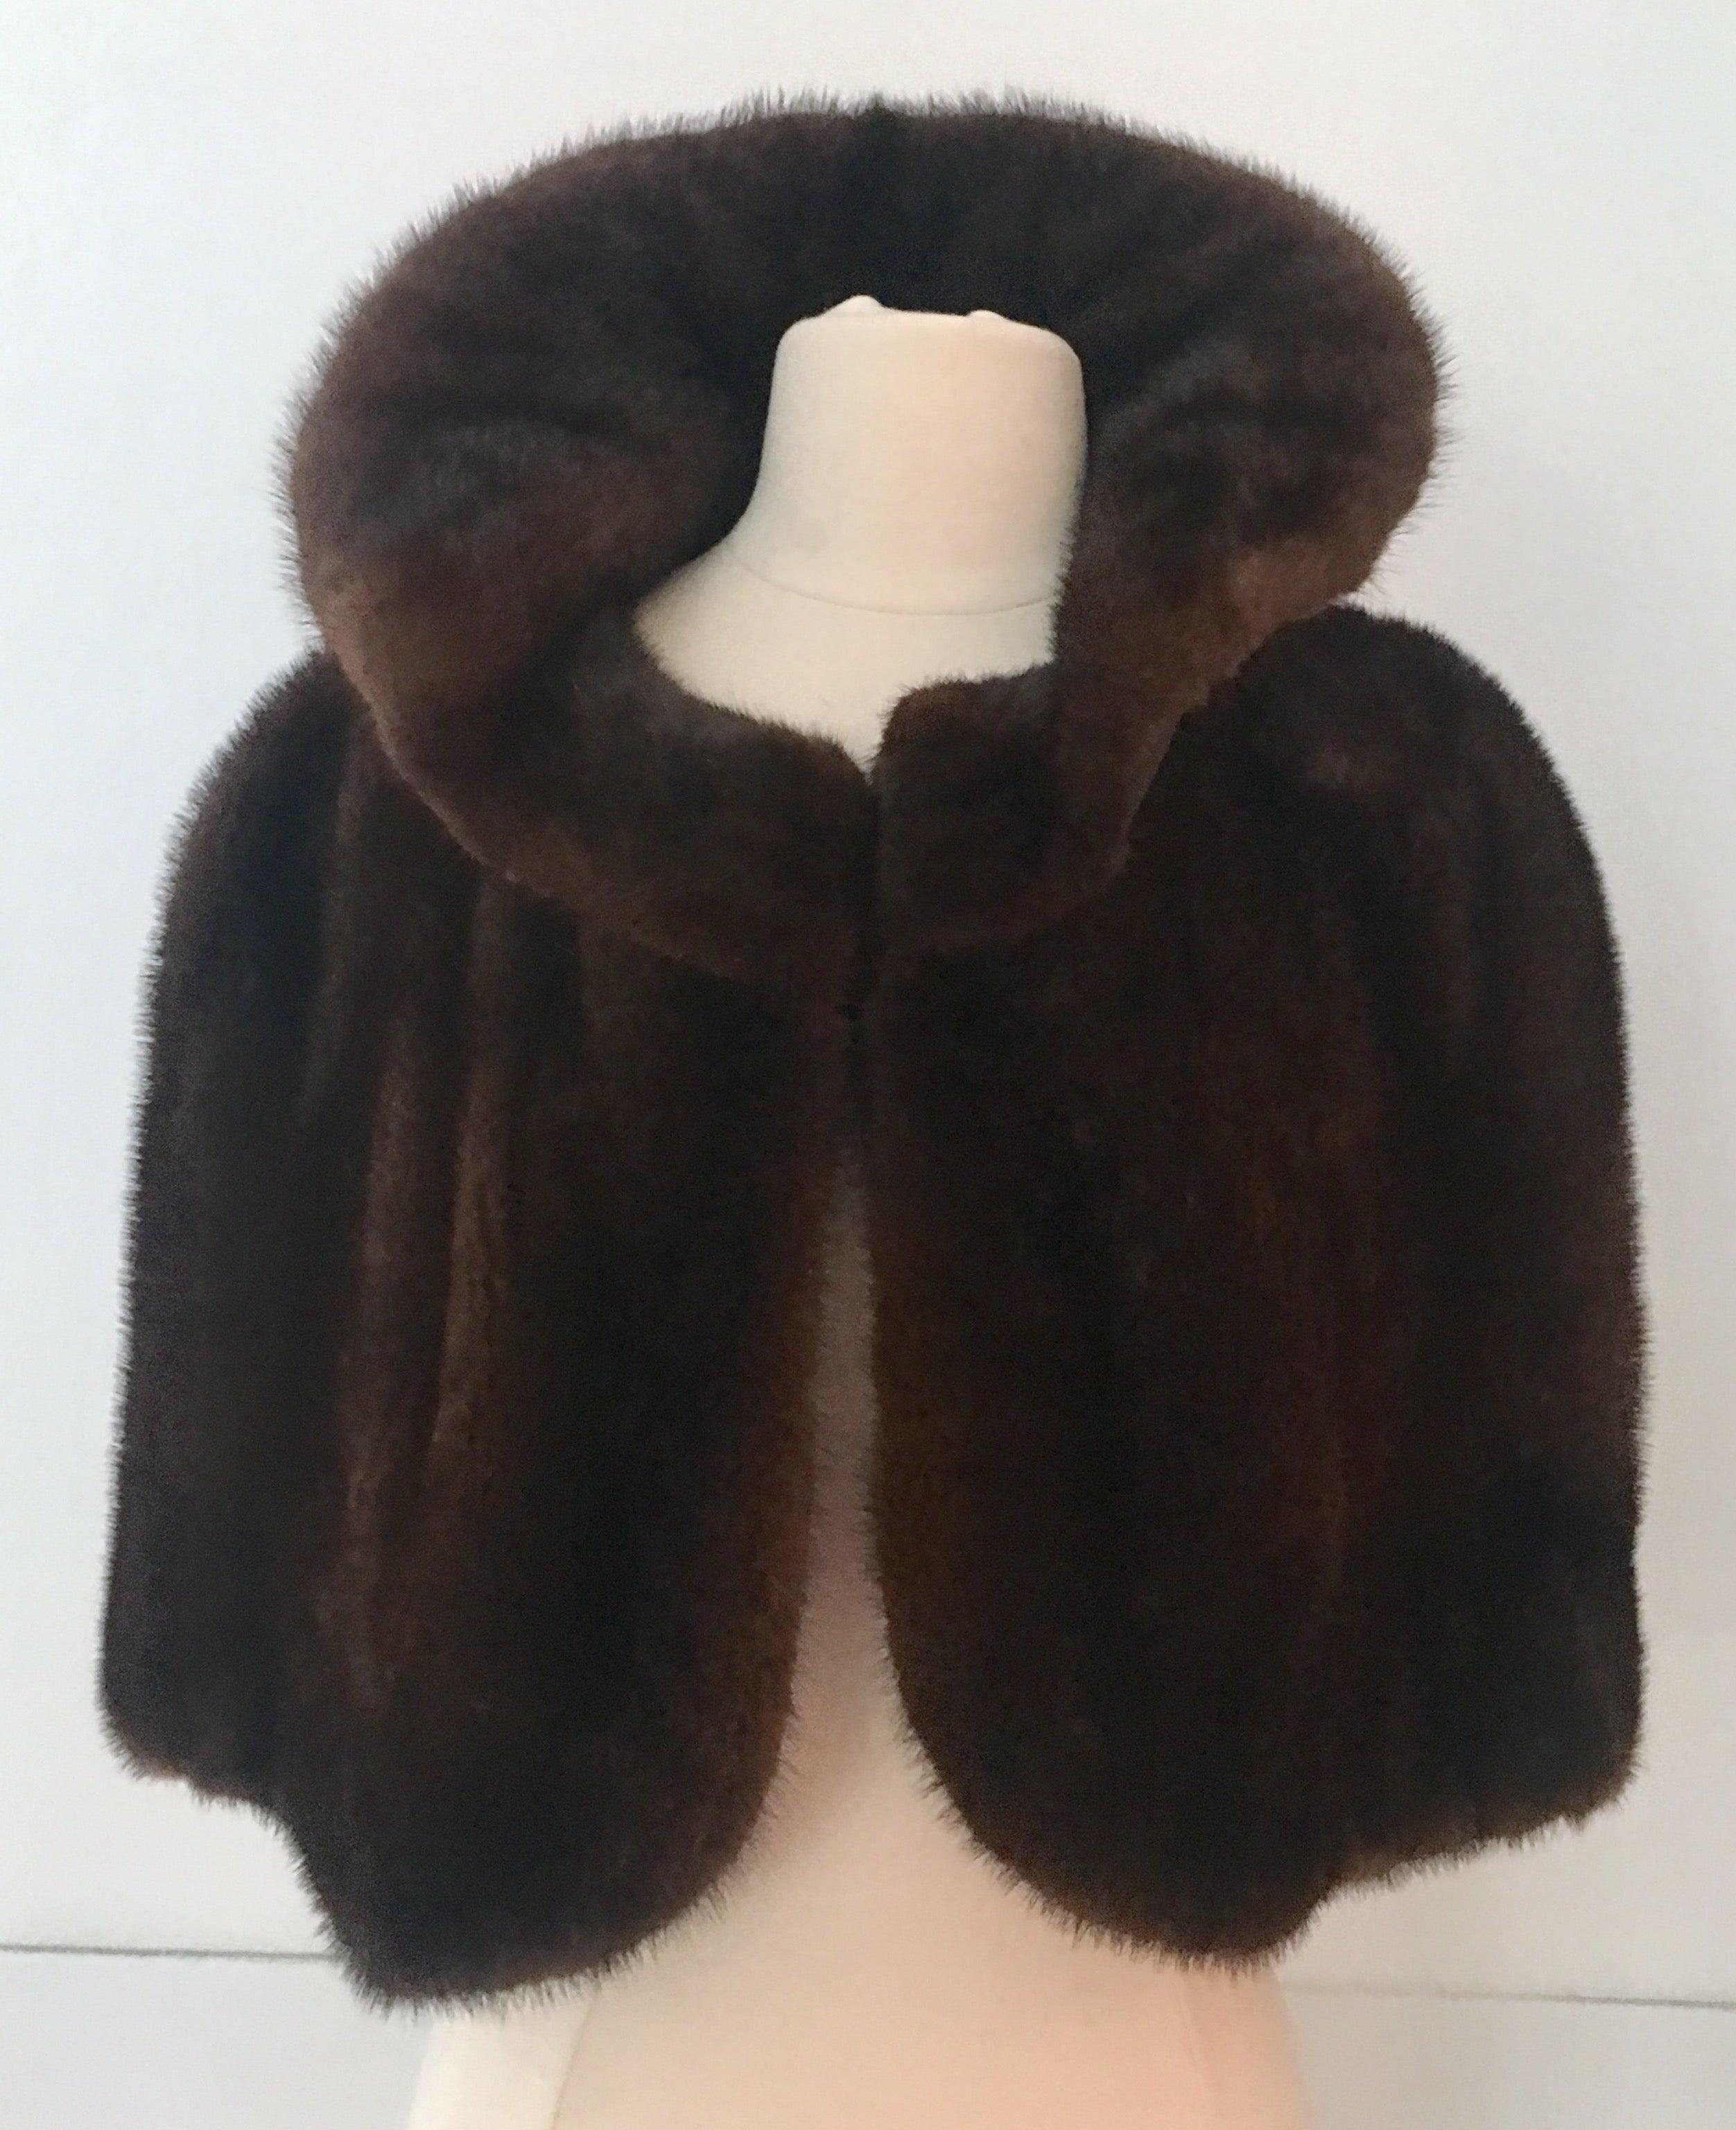 779d726f3f9 1950'S Chocolat Brown Mink Fur Capelet at 1stdibs